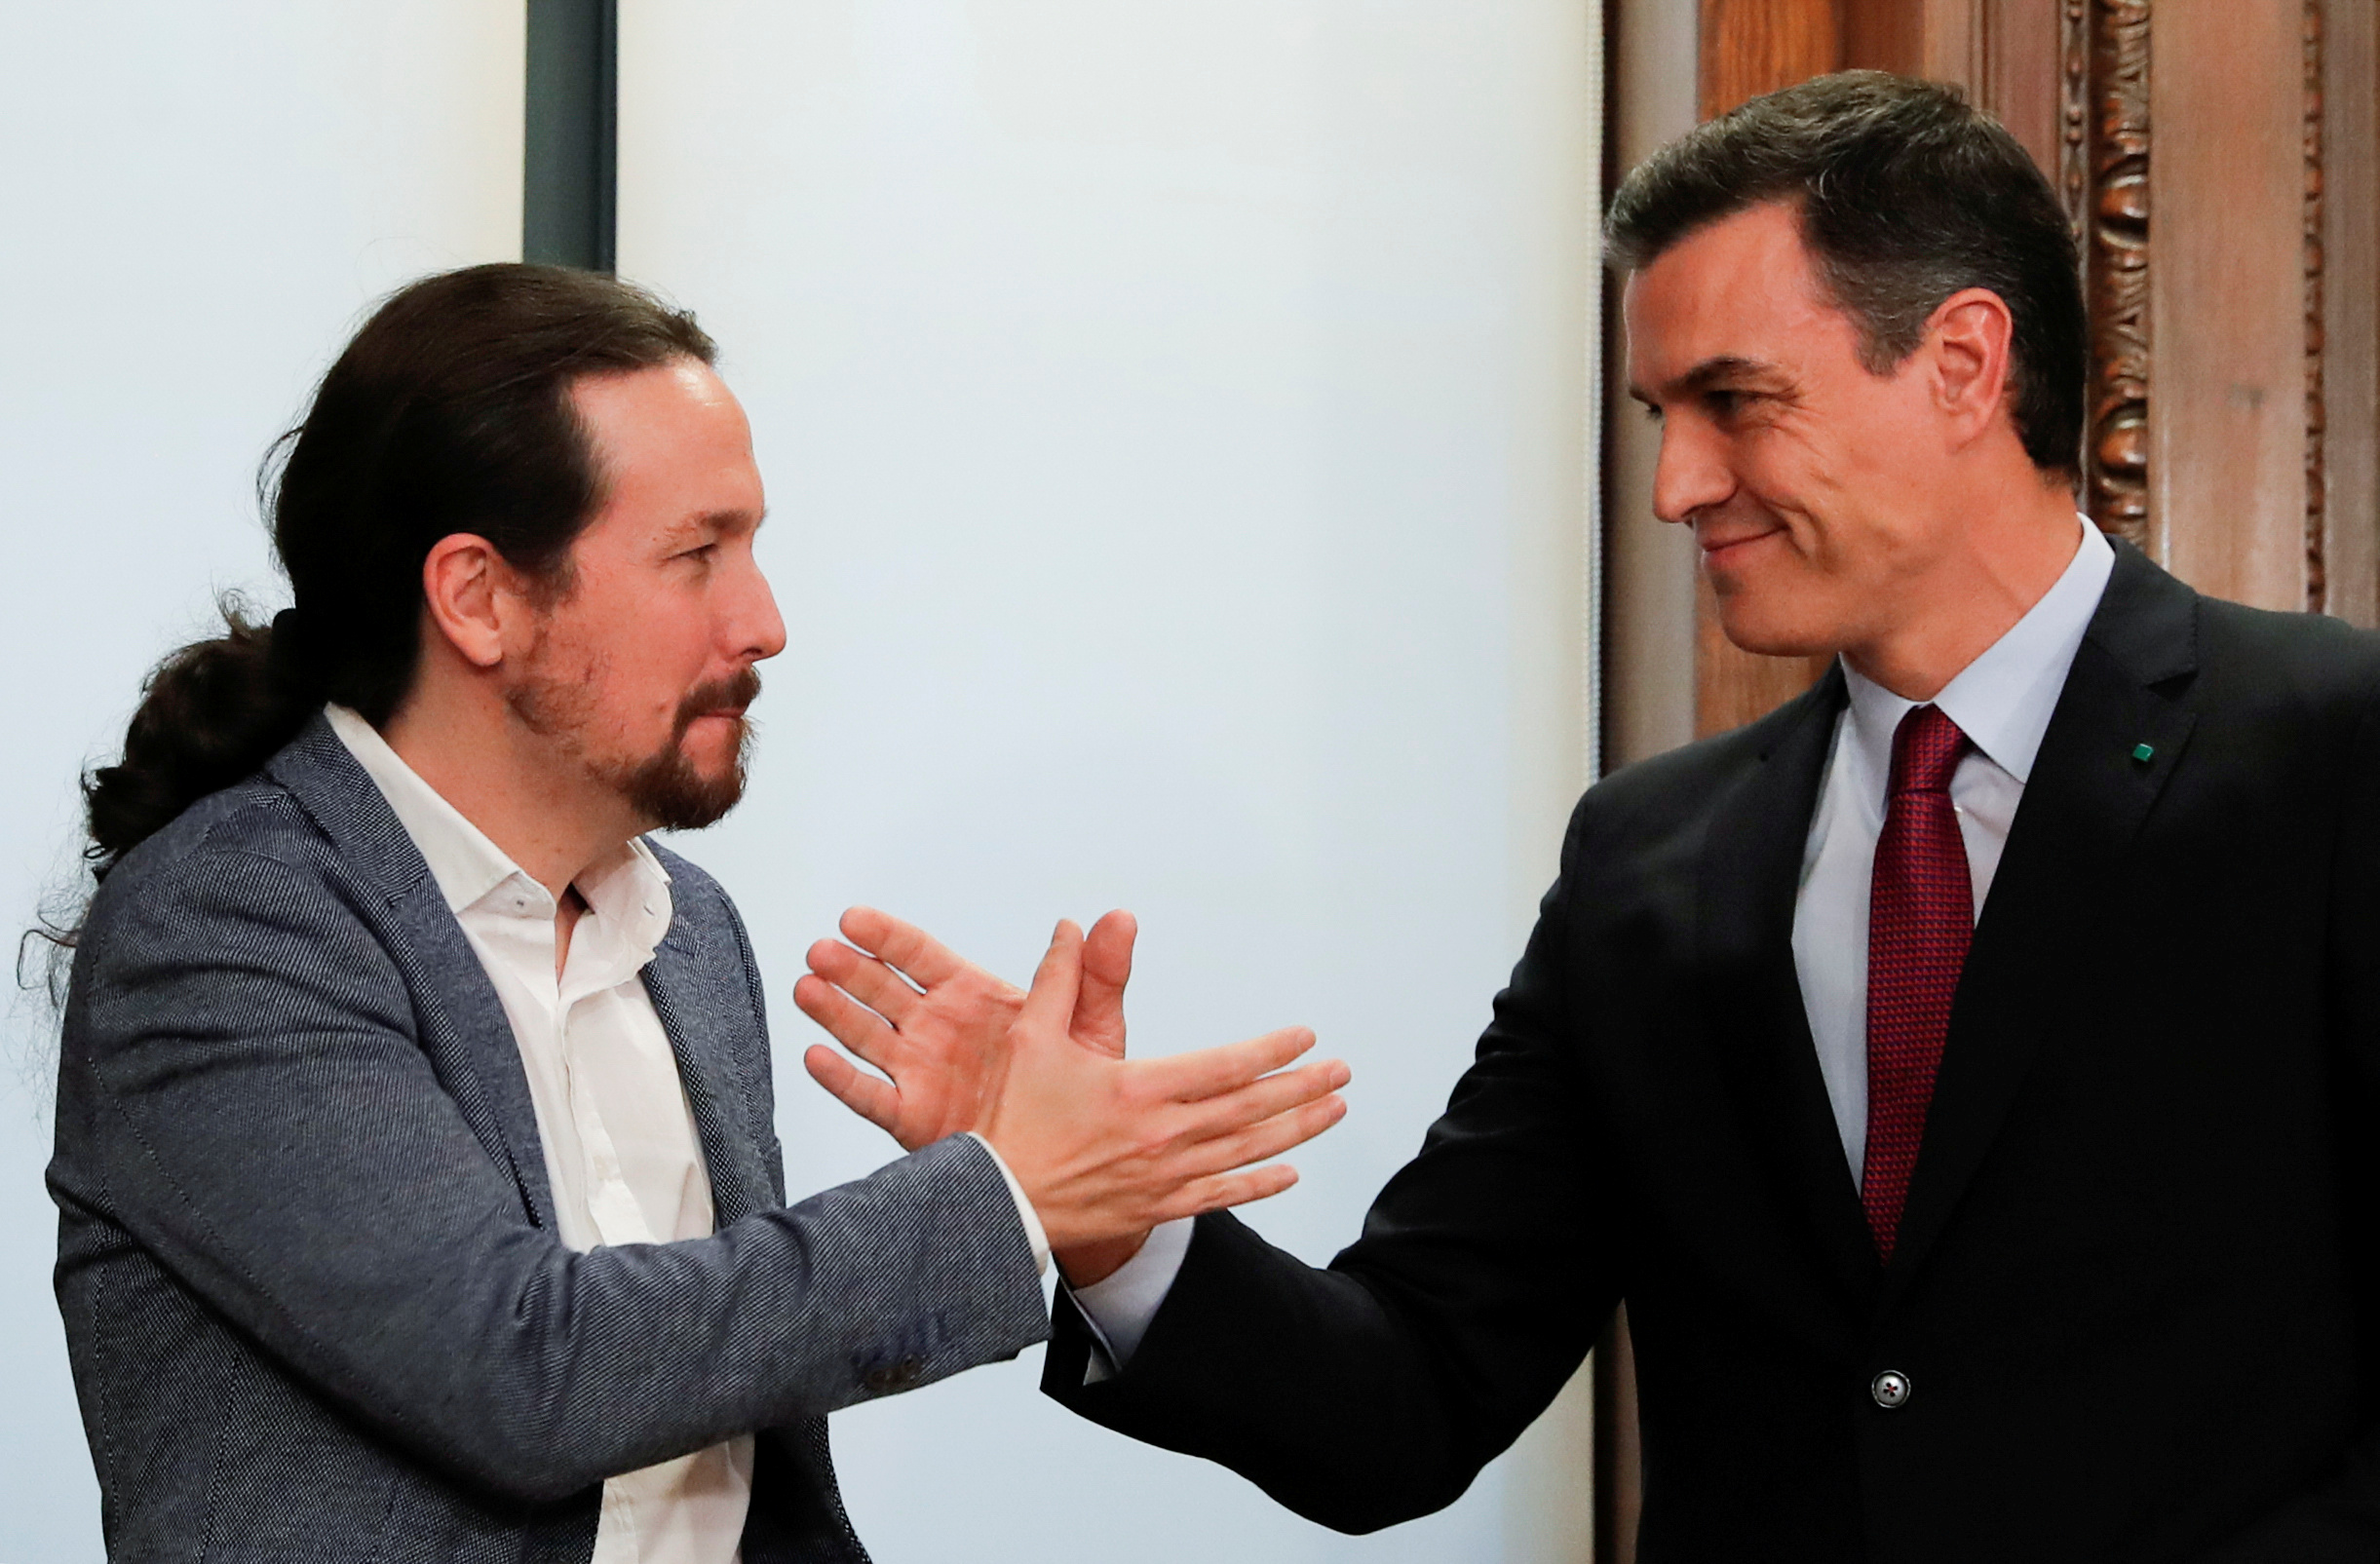 Ισπανία: Αντιπρόεδρος στην κυβέρνηση Σάντσεθ θα είναι ο Πάμπλο Ιγκλέσιας